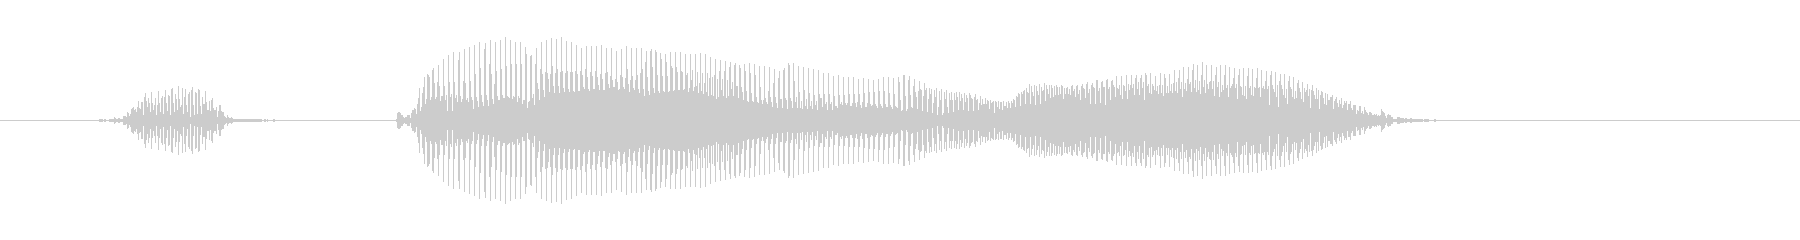 おかえり!の未再生の波形